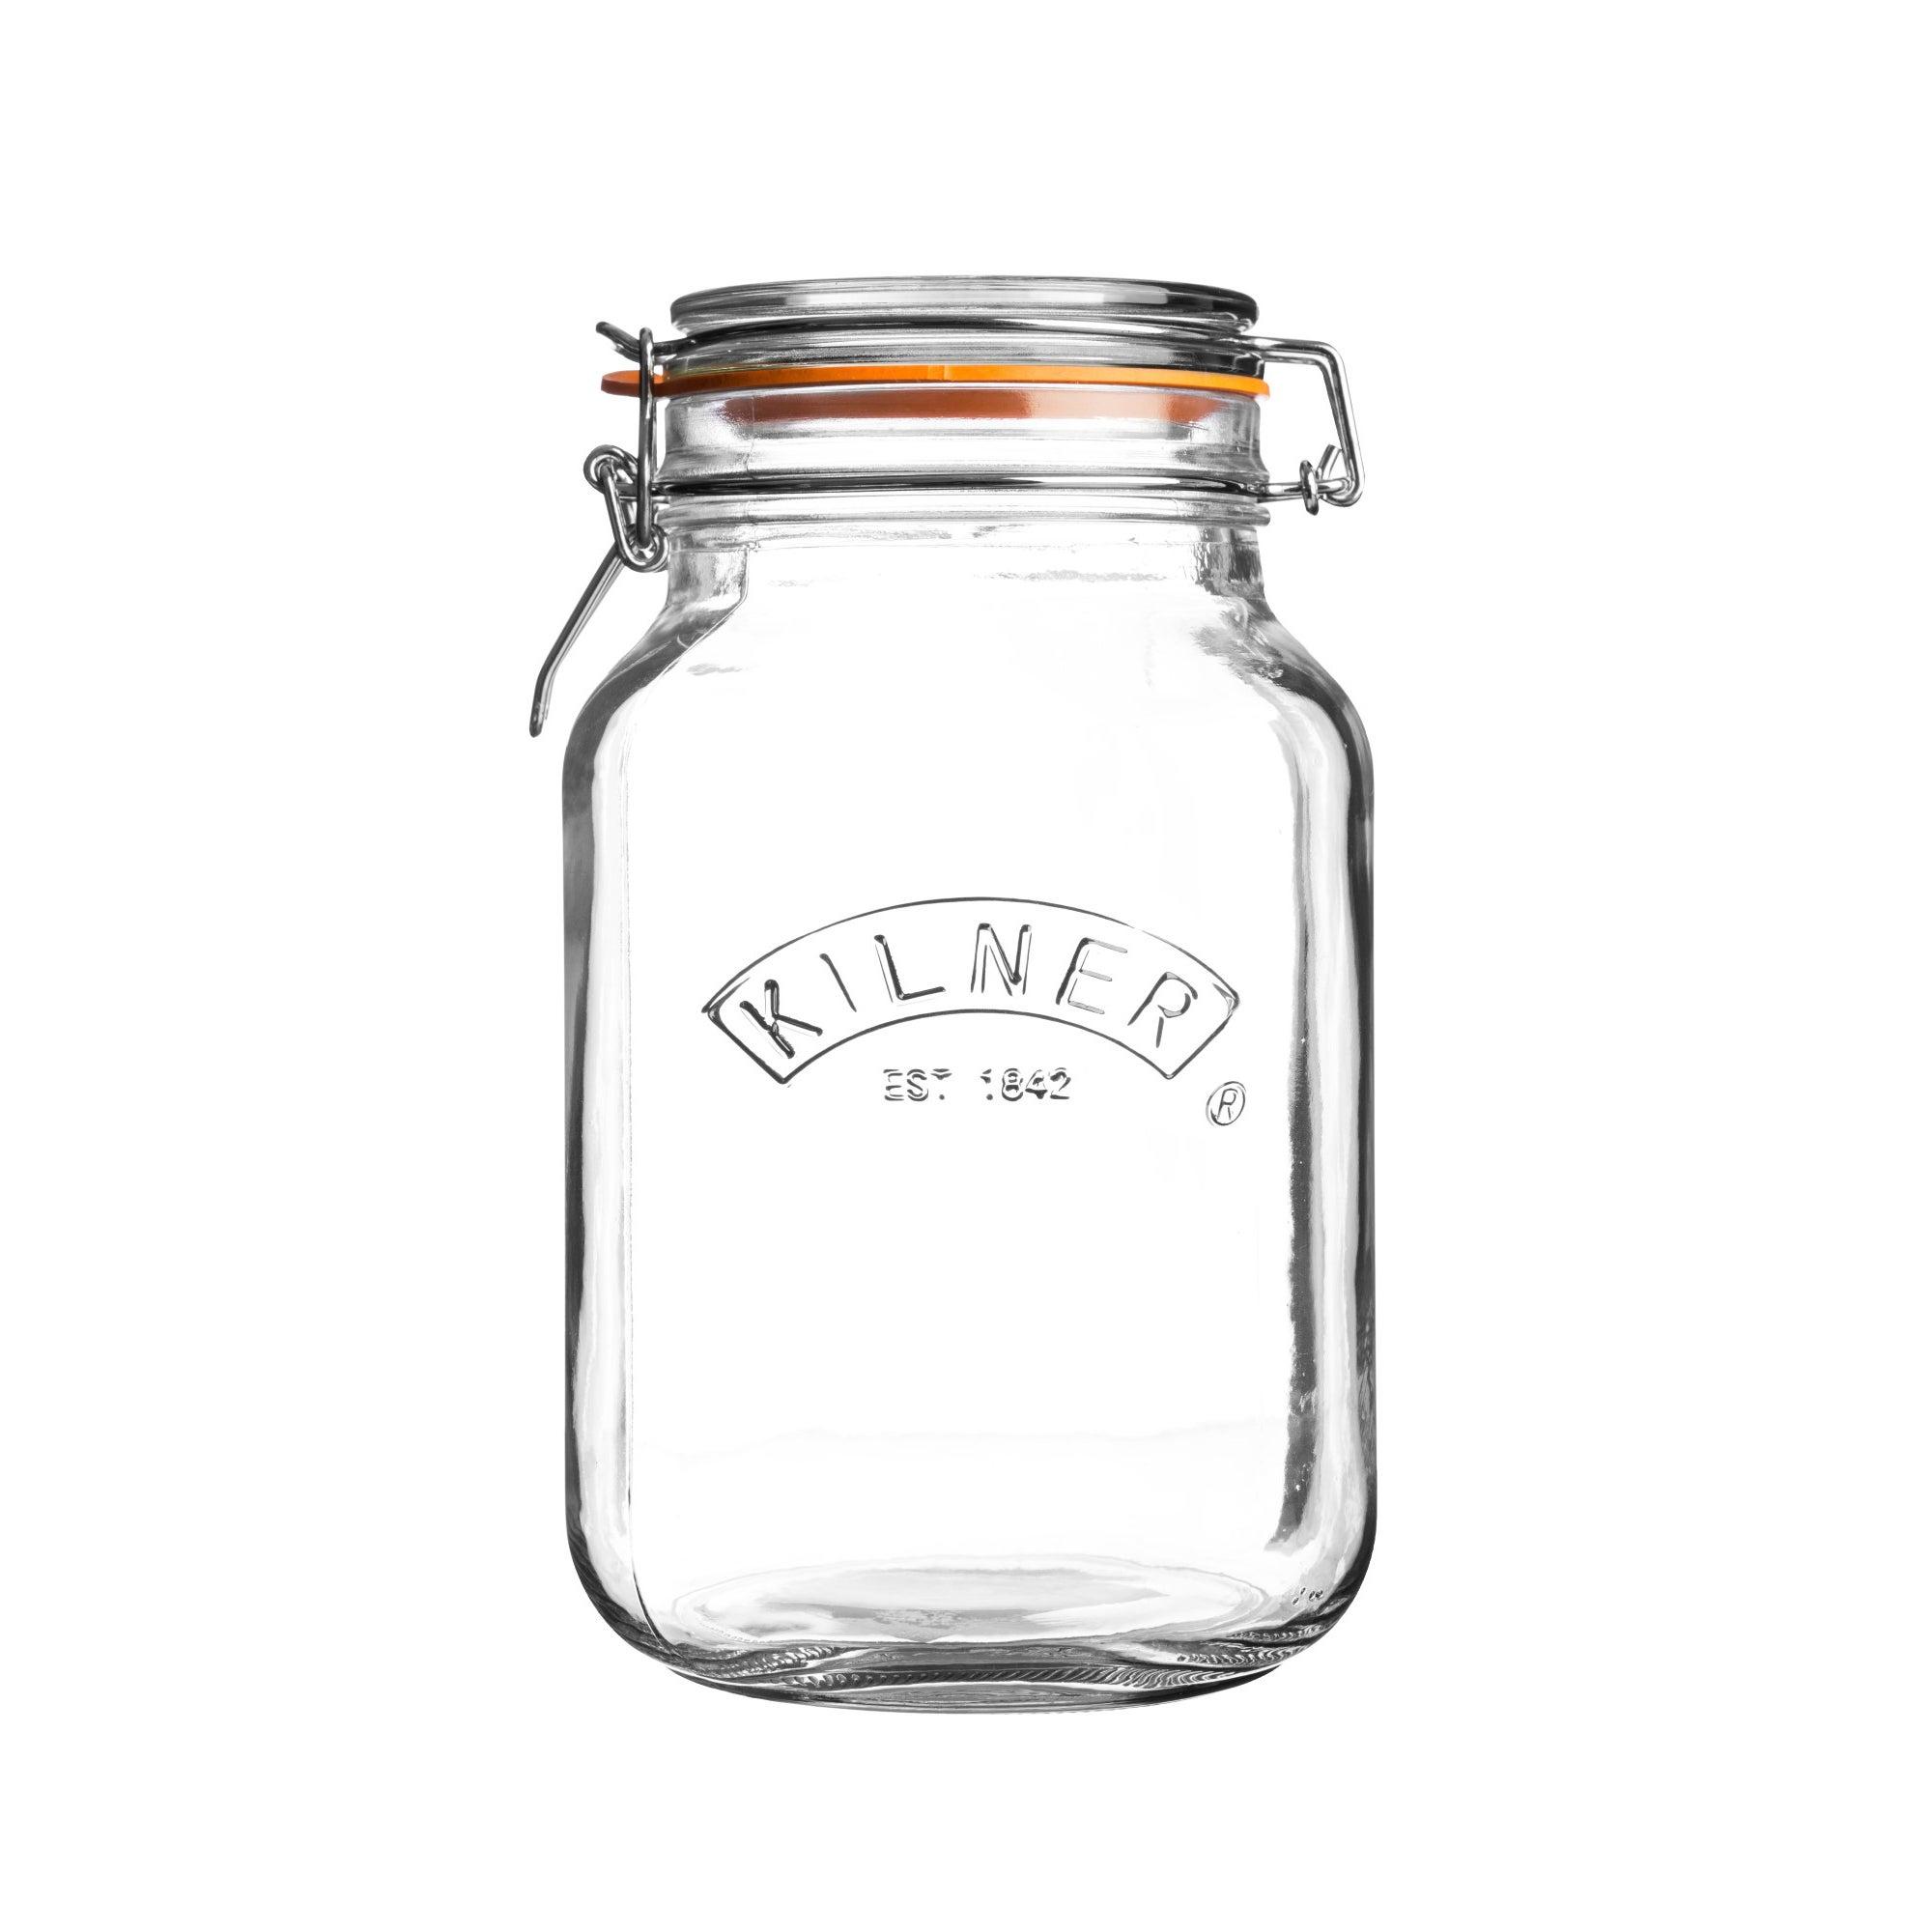 Kilner 1.5 Litres Preserve Jar